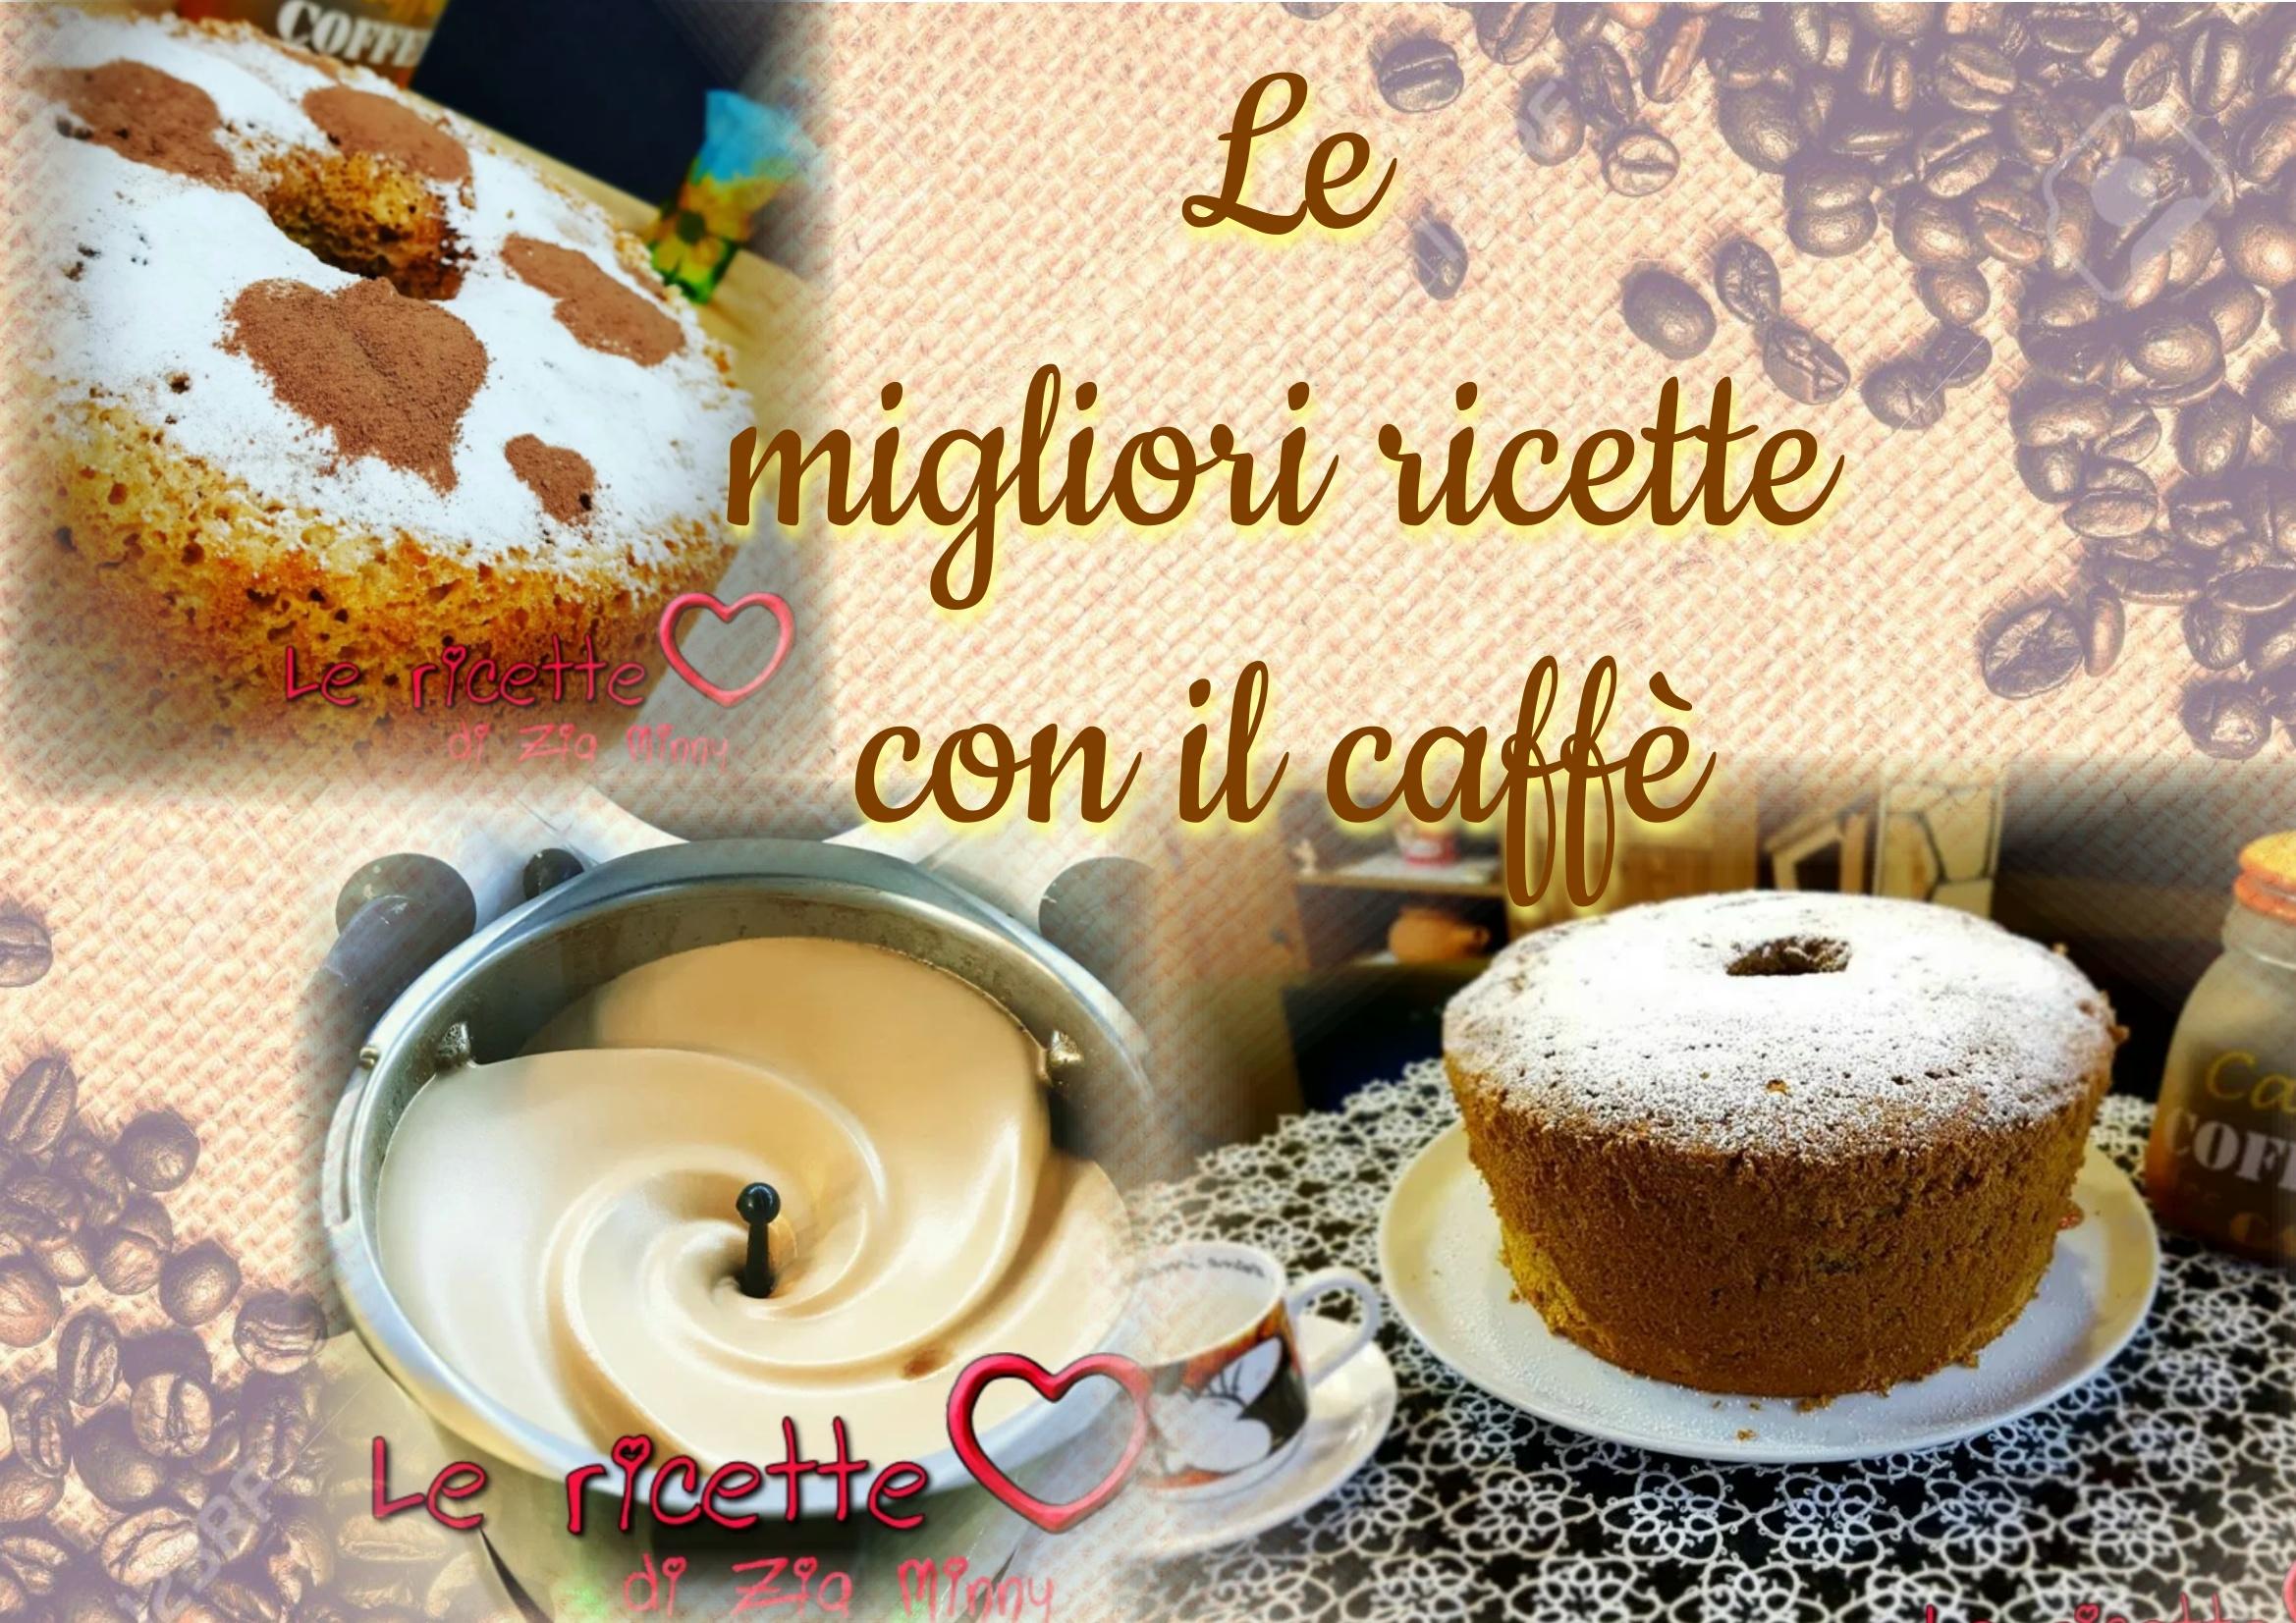 LE MIGLIORI RICETTE CON IL CAFFE'